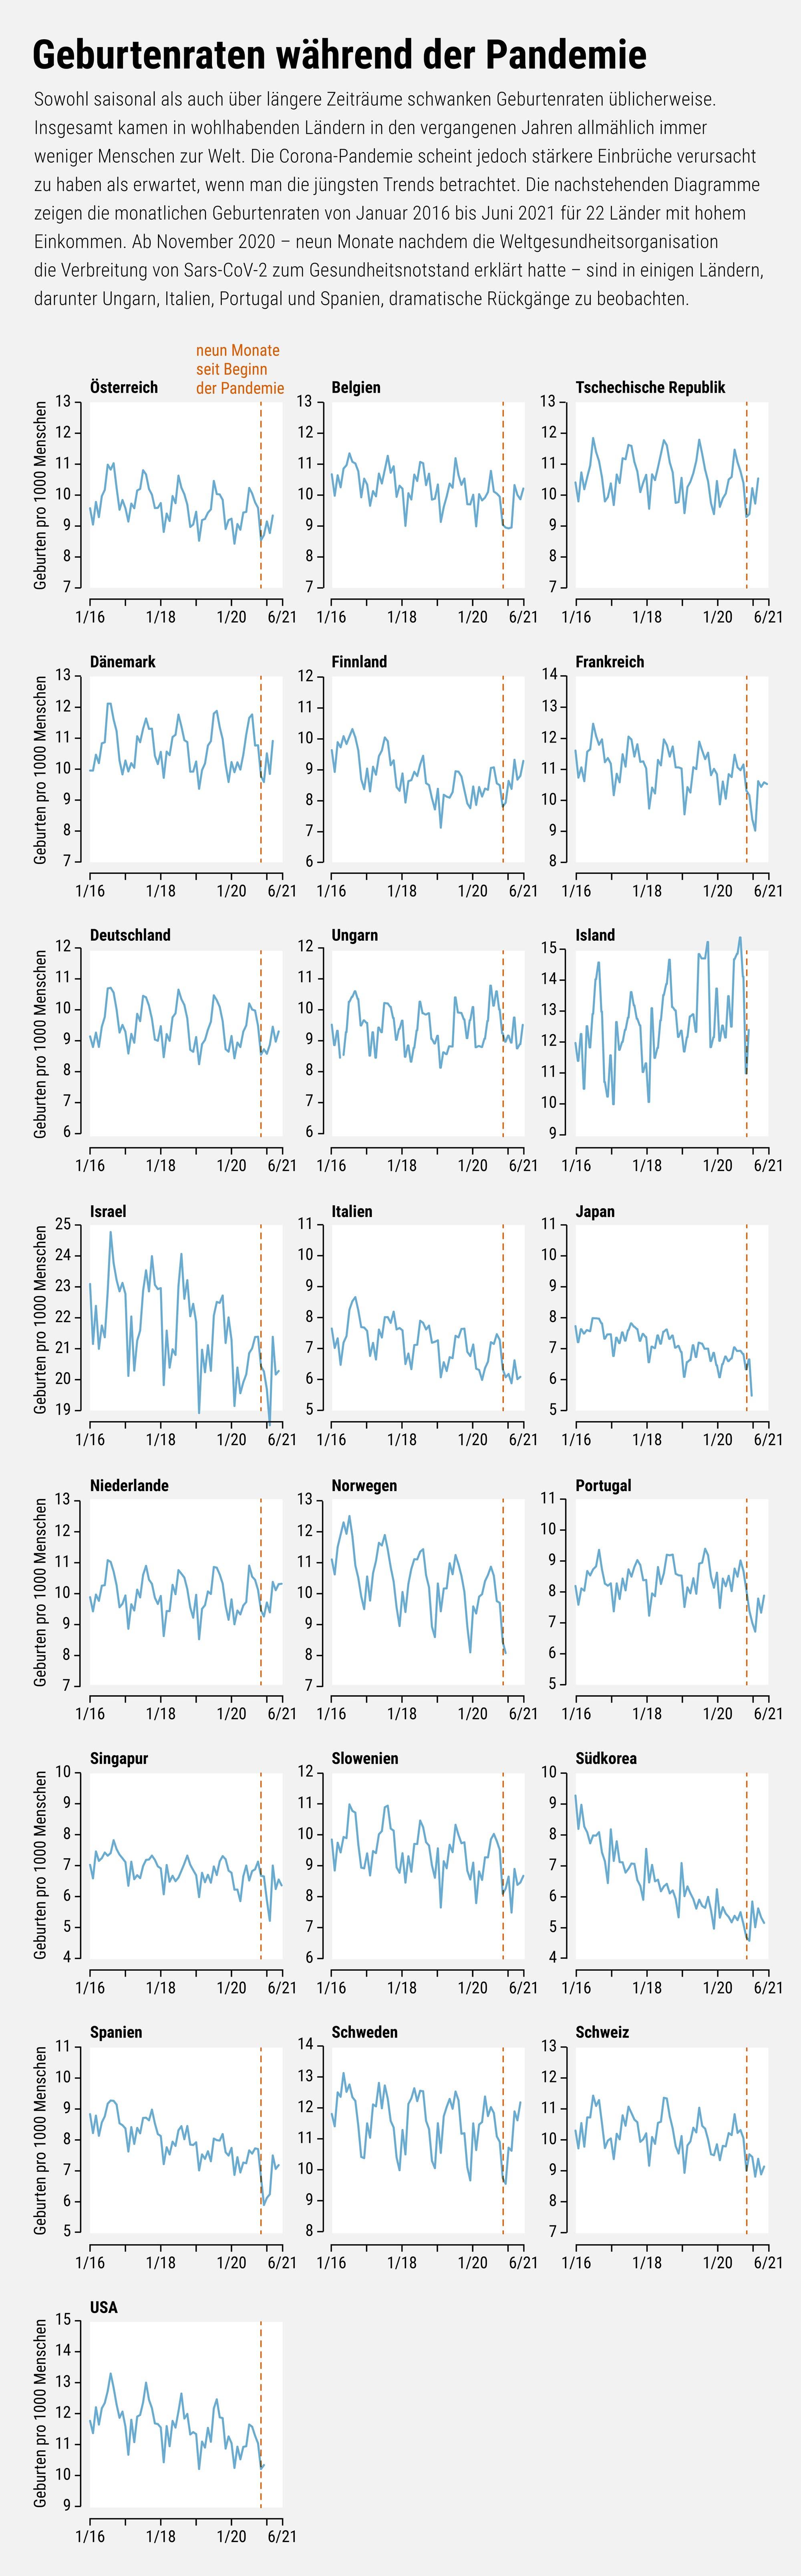 Die Geburtenraten in vielen Ländern mit hohem Einkommen sind während der Corona-Krise zurückgegangen, wie die Grafik zeigt.